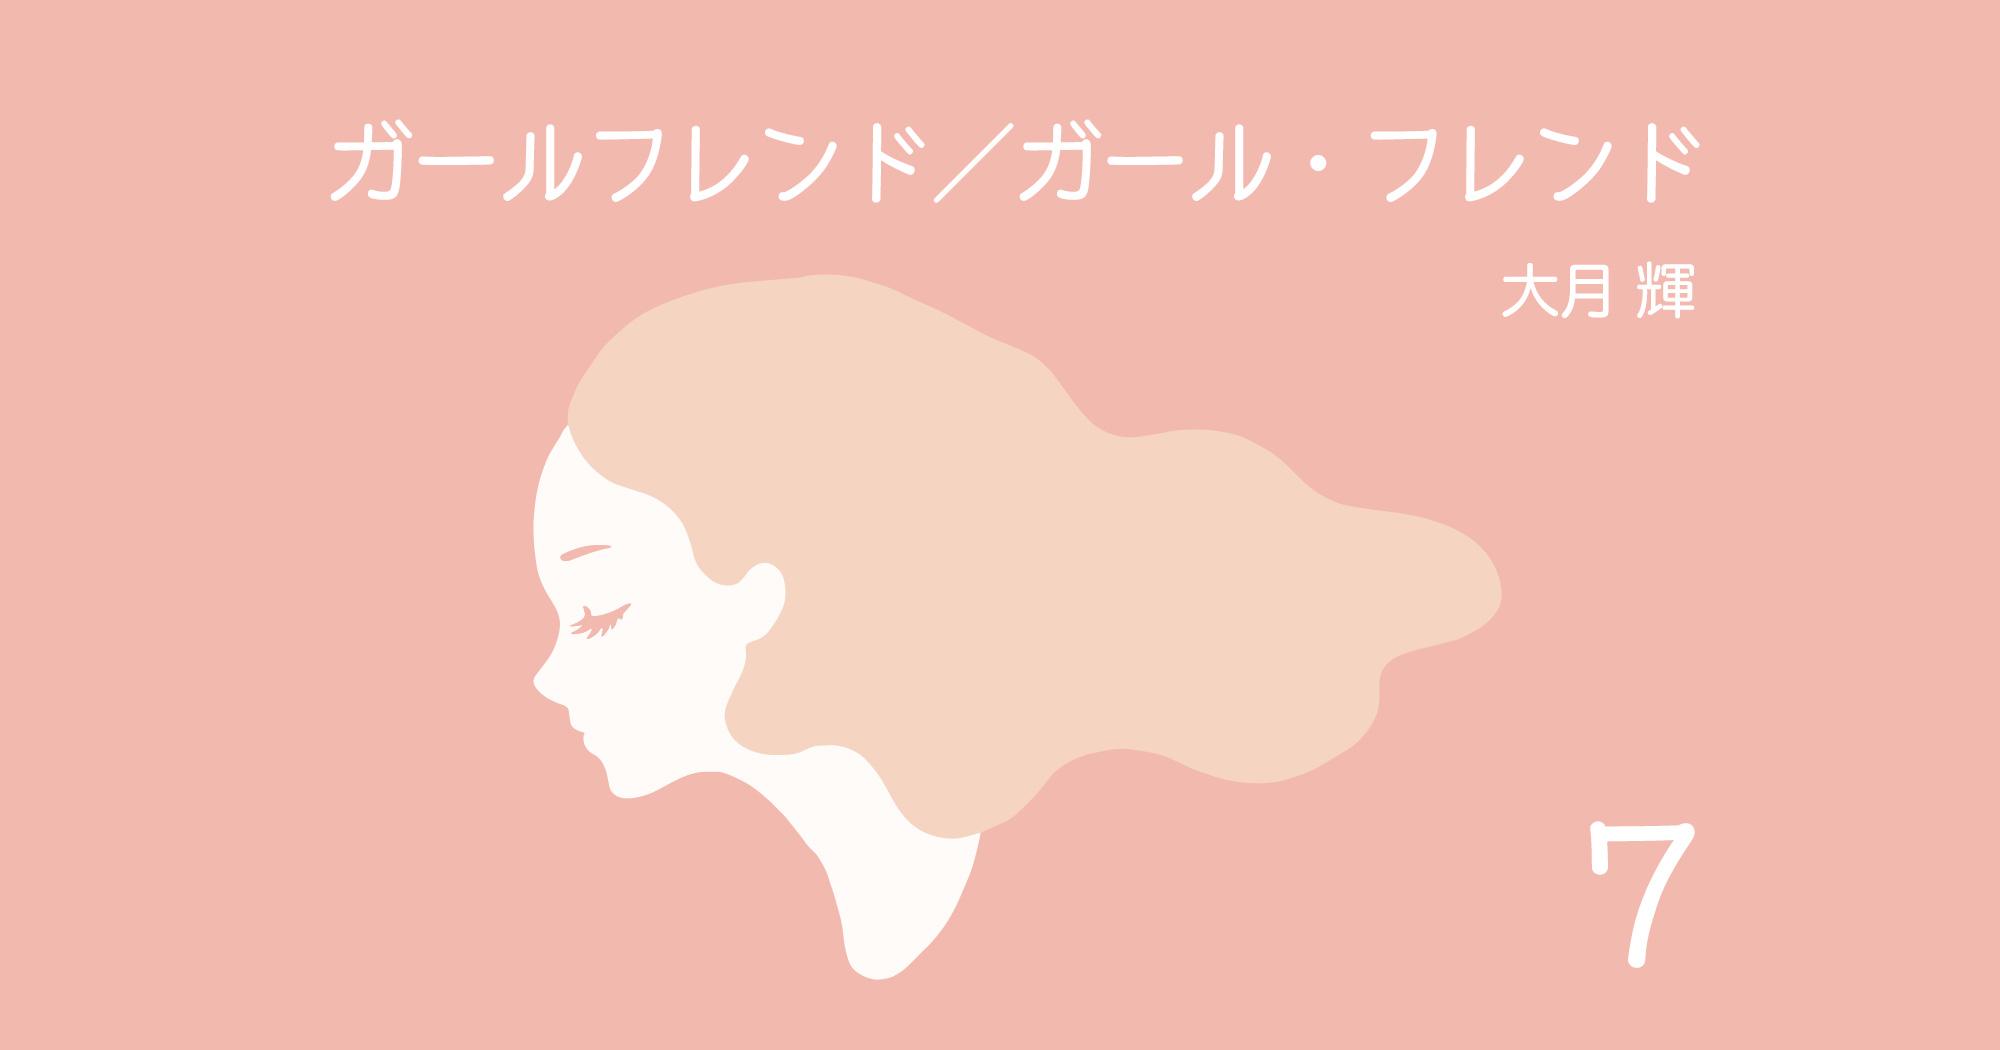 ガールフレンド/ガール・フレンド - 7